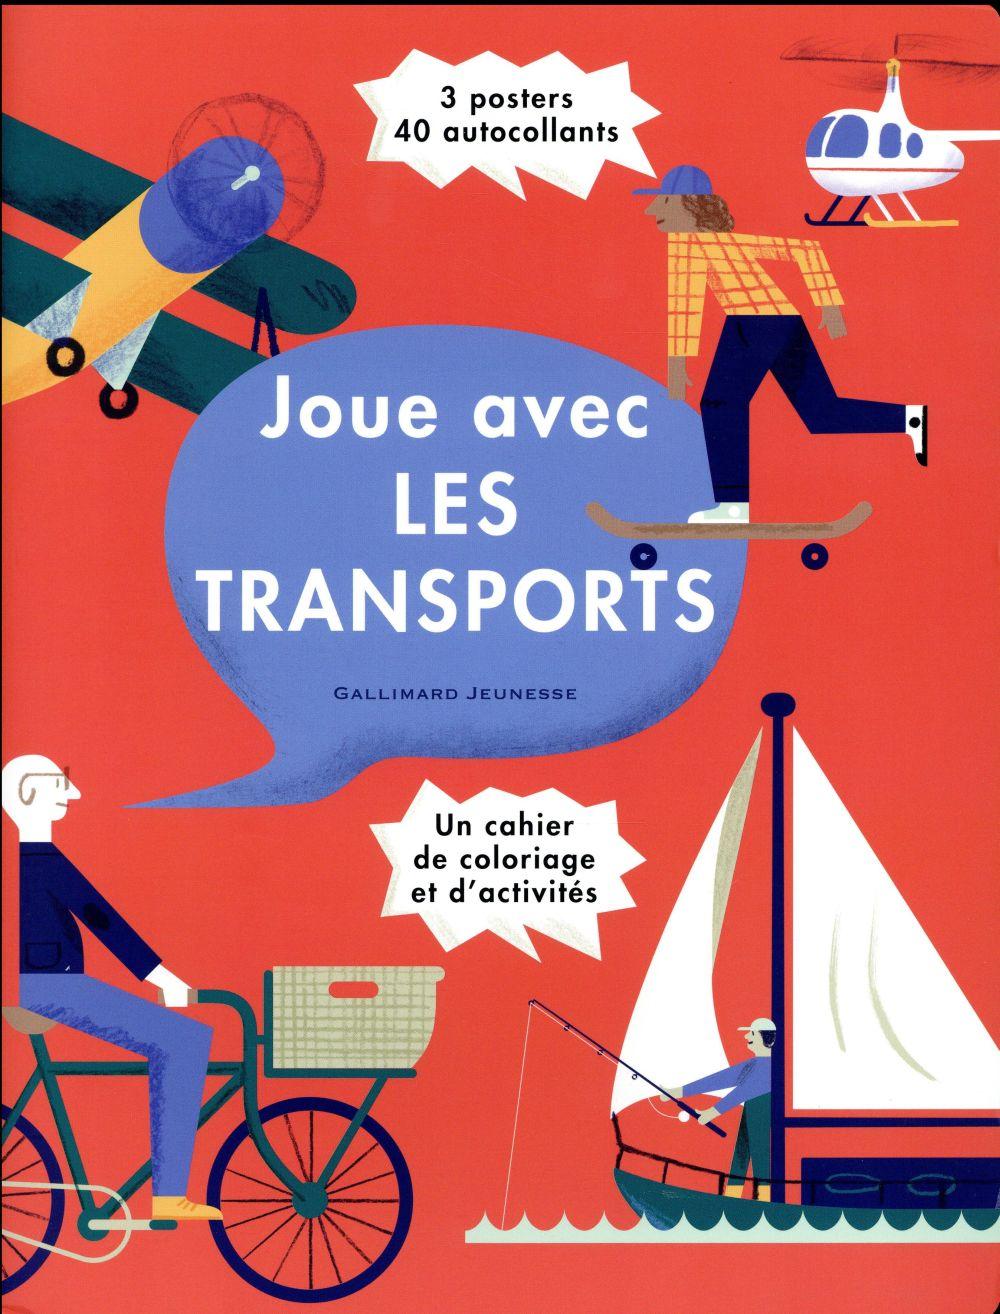 JOUE AVEC LES TRANSPORTS